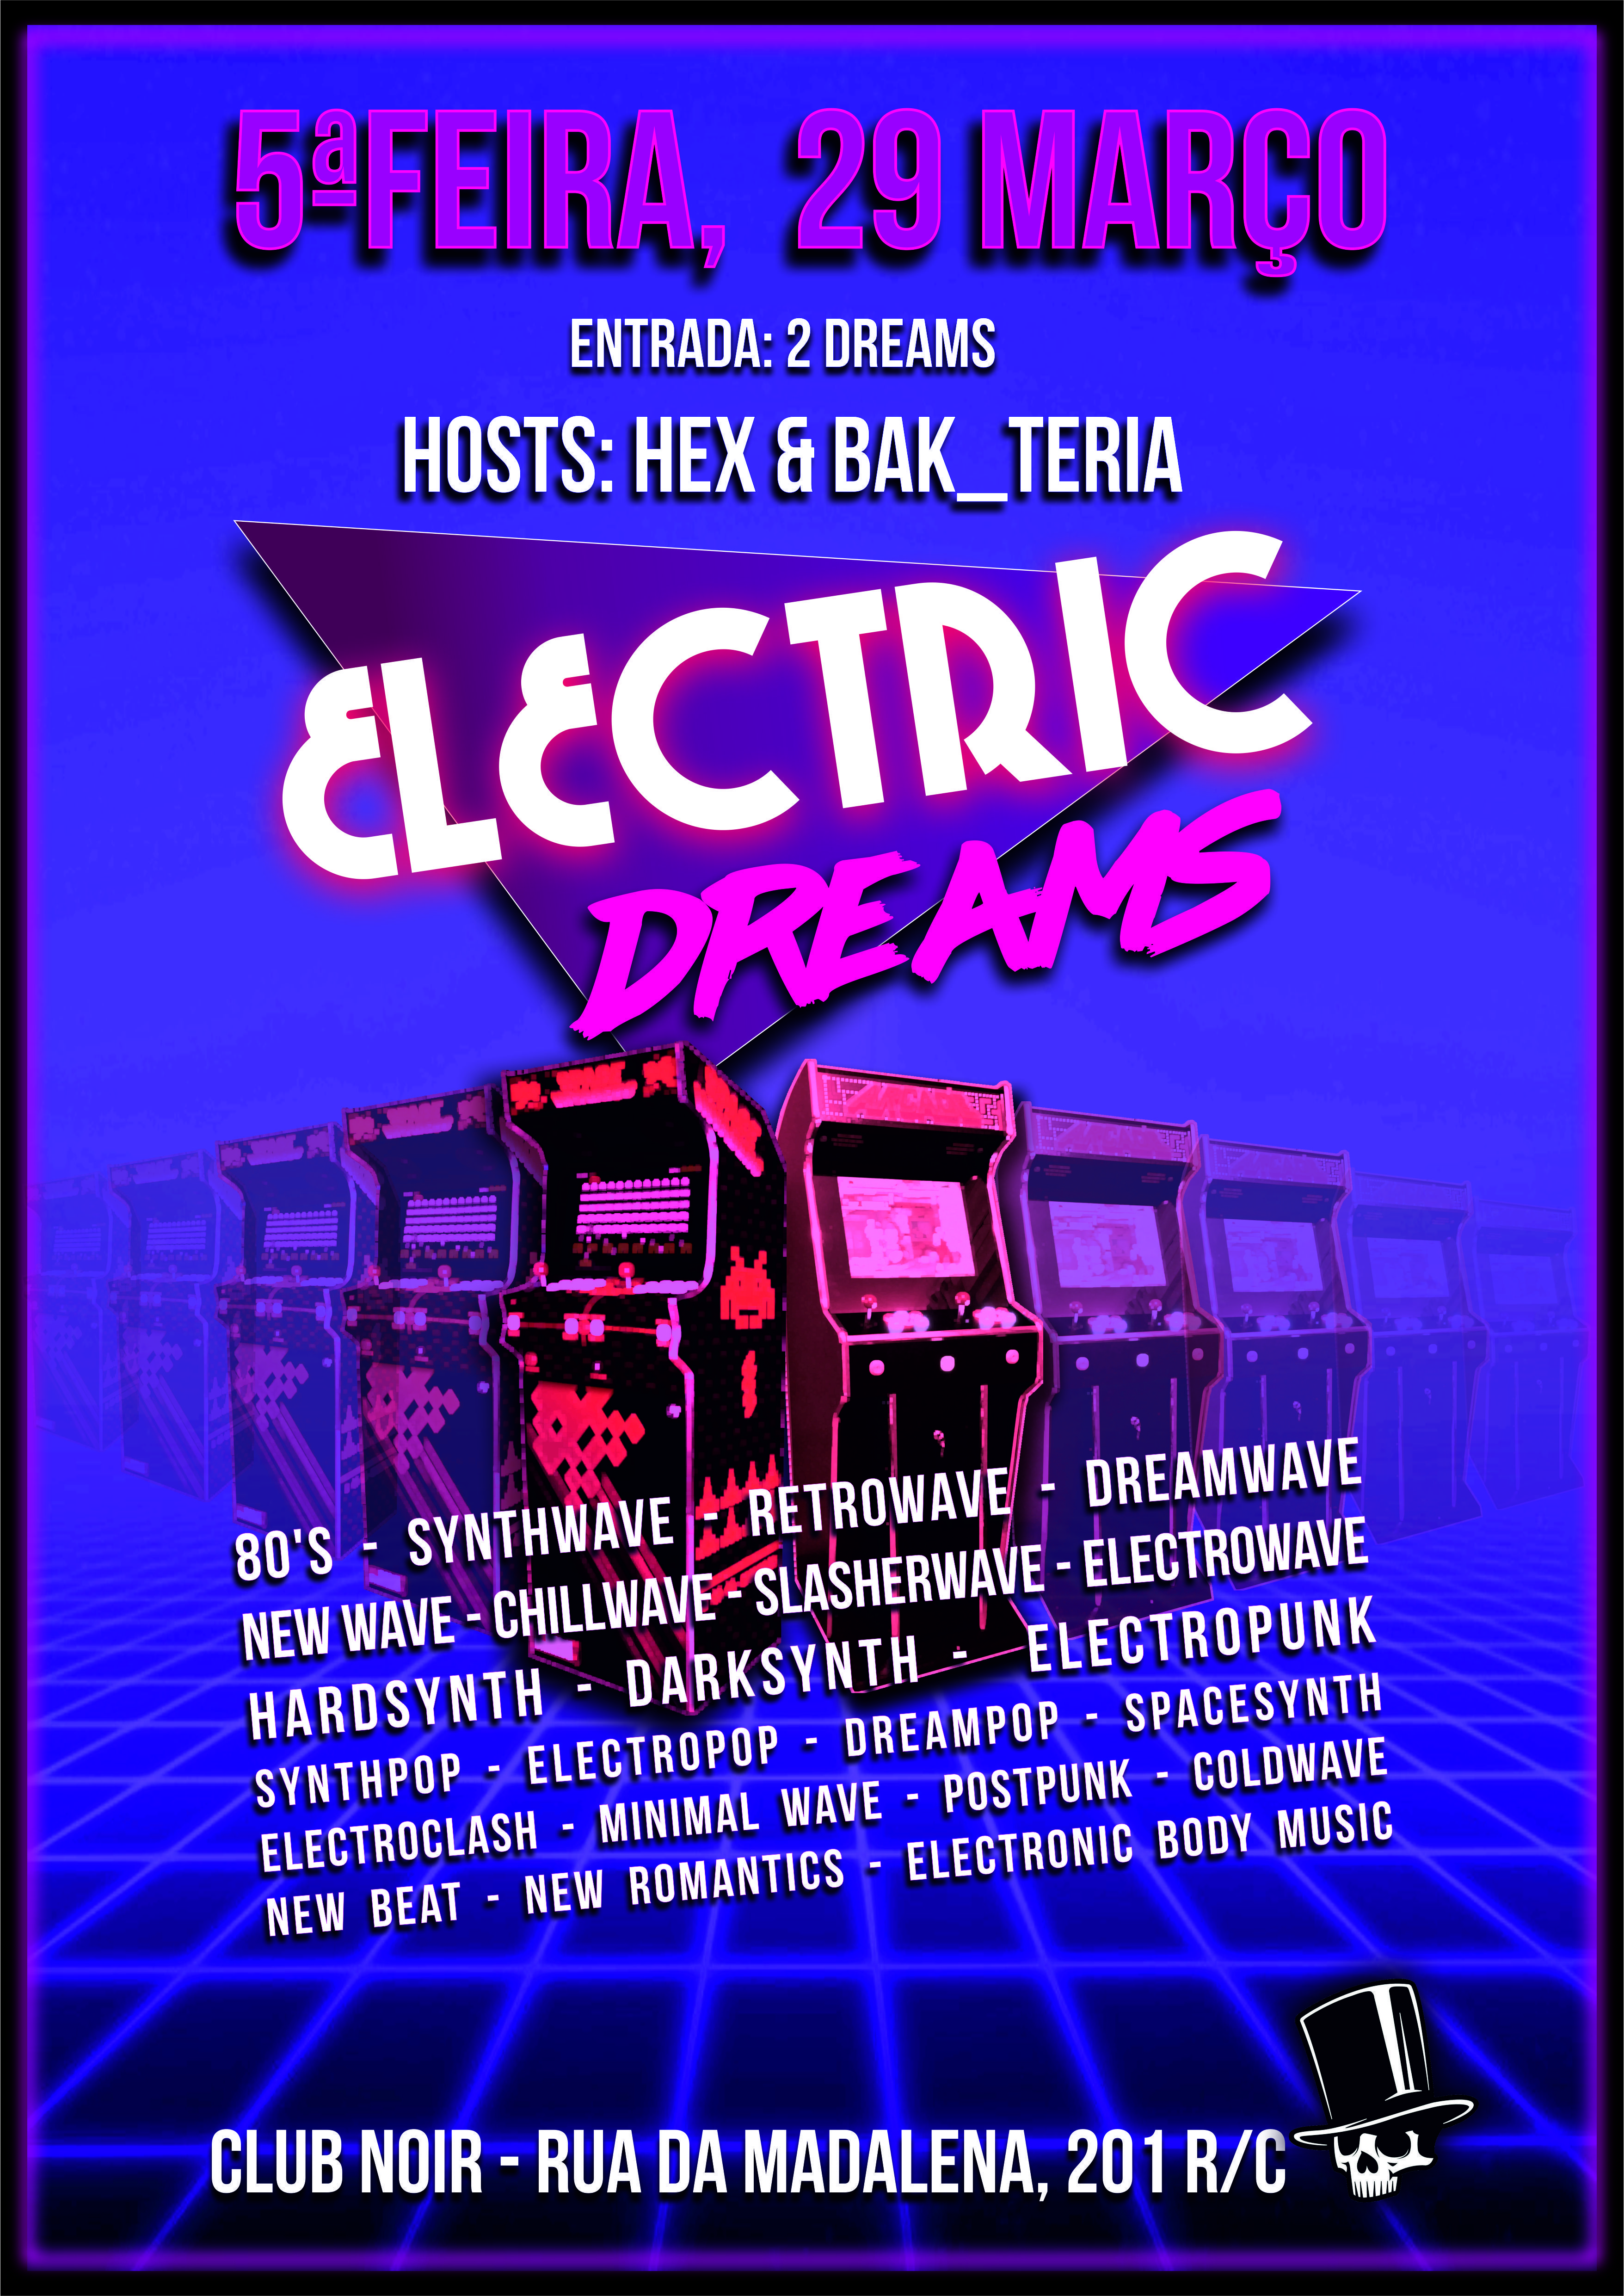 Electric Dreams Quinta, 29 de Março (Véspera de Feriado